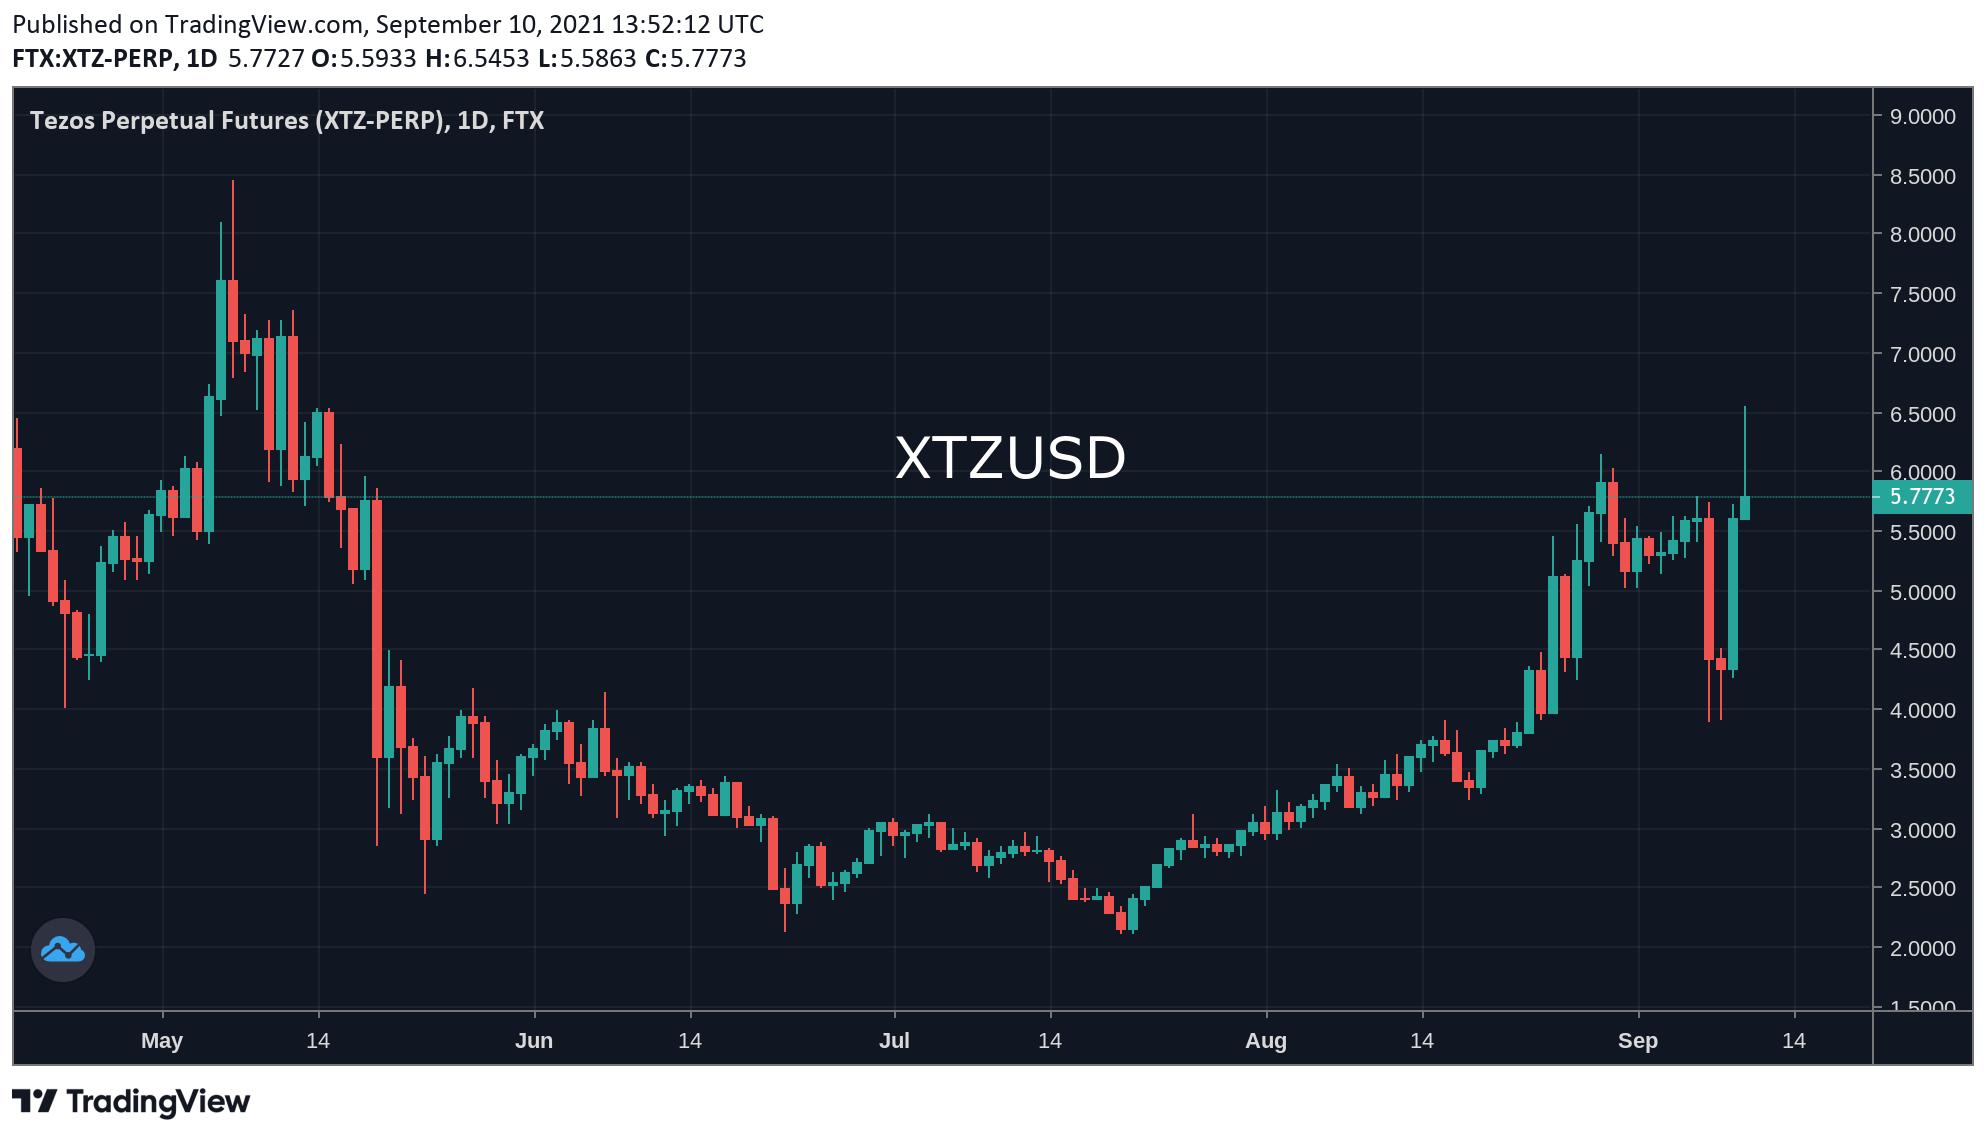 Bitcoin riscă să invalideze trendul ascendent din cauza pieței NFT care s-a lansat pe Tezos